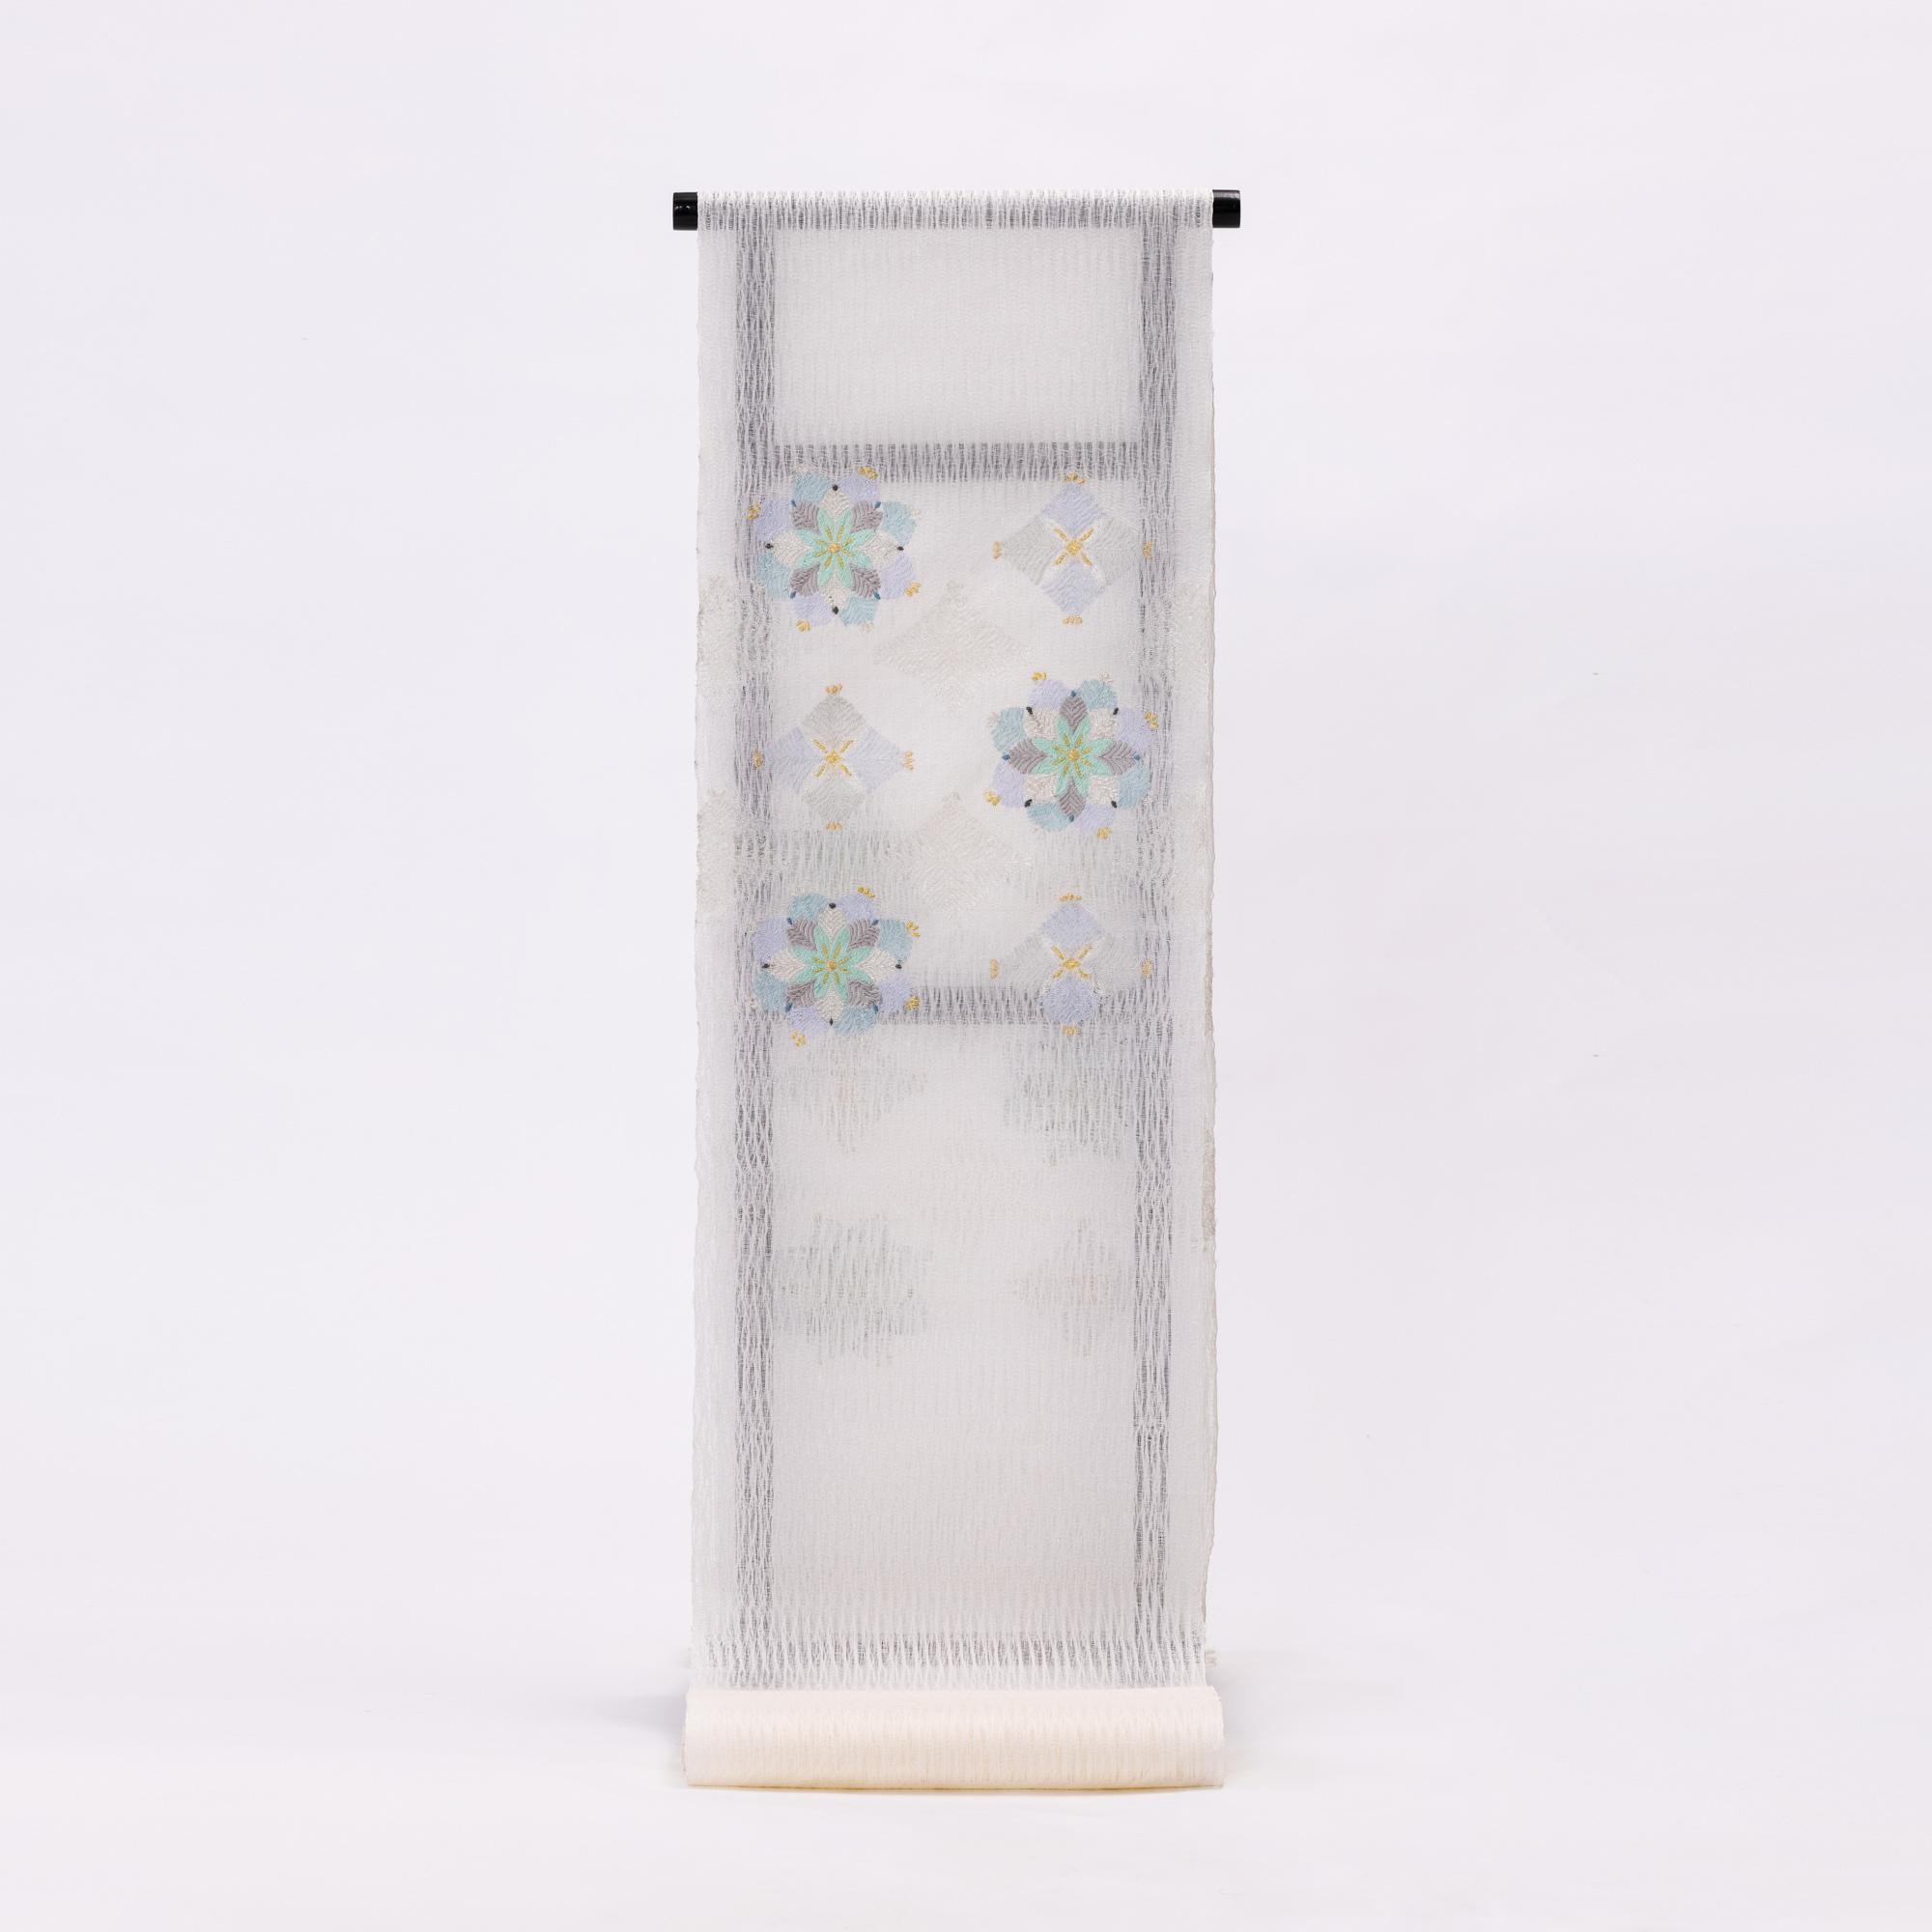 京都【おび弘】製 櫛織名古屋帯/袋帯 松花菱文様